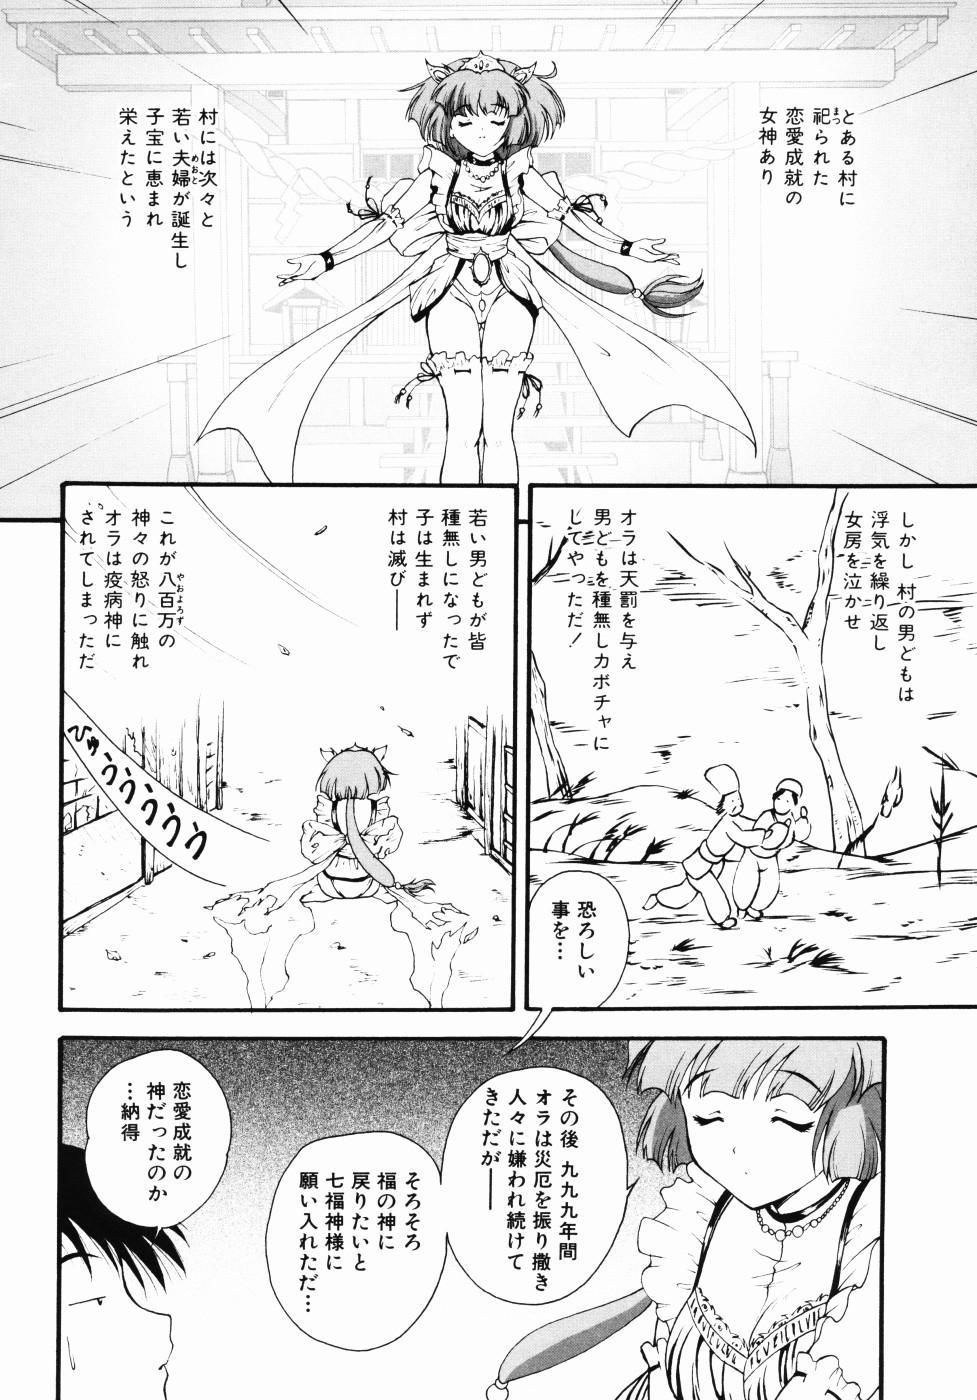 Daikyou Megami 34